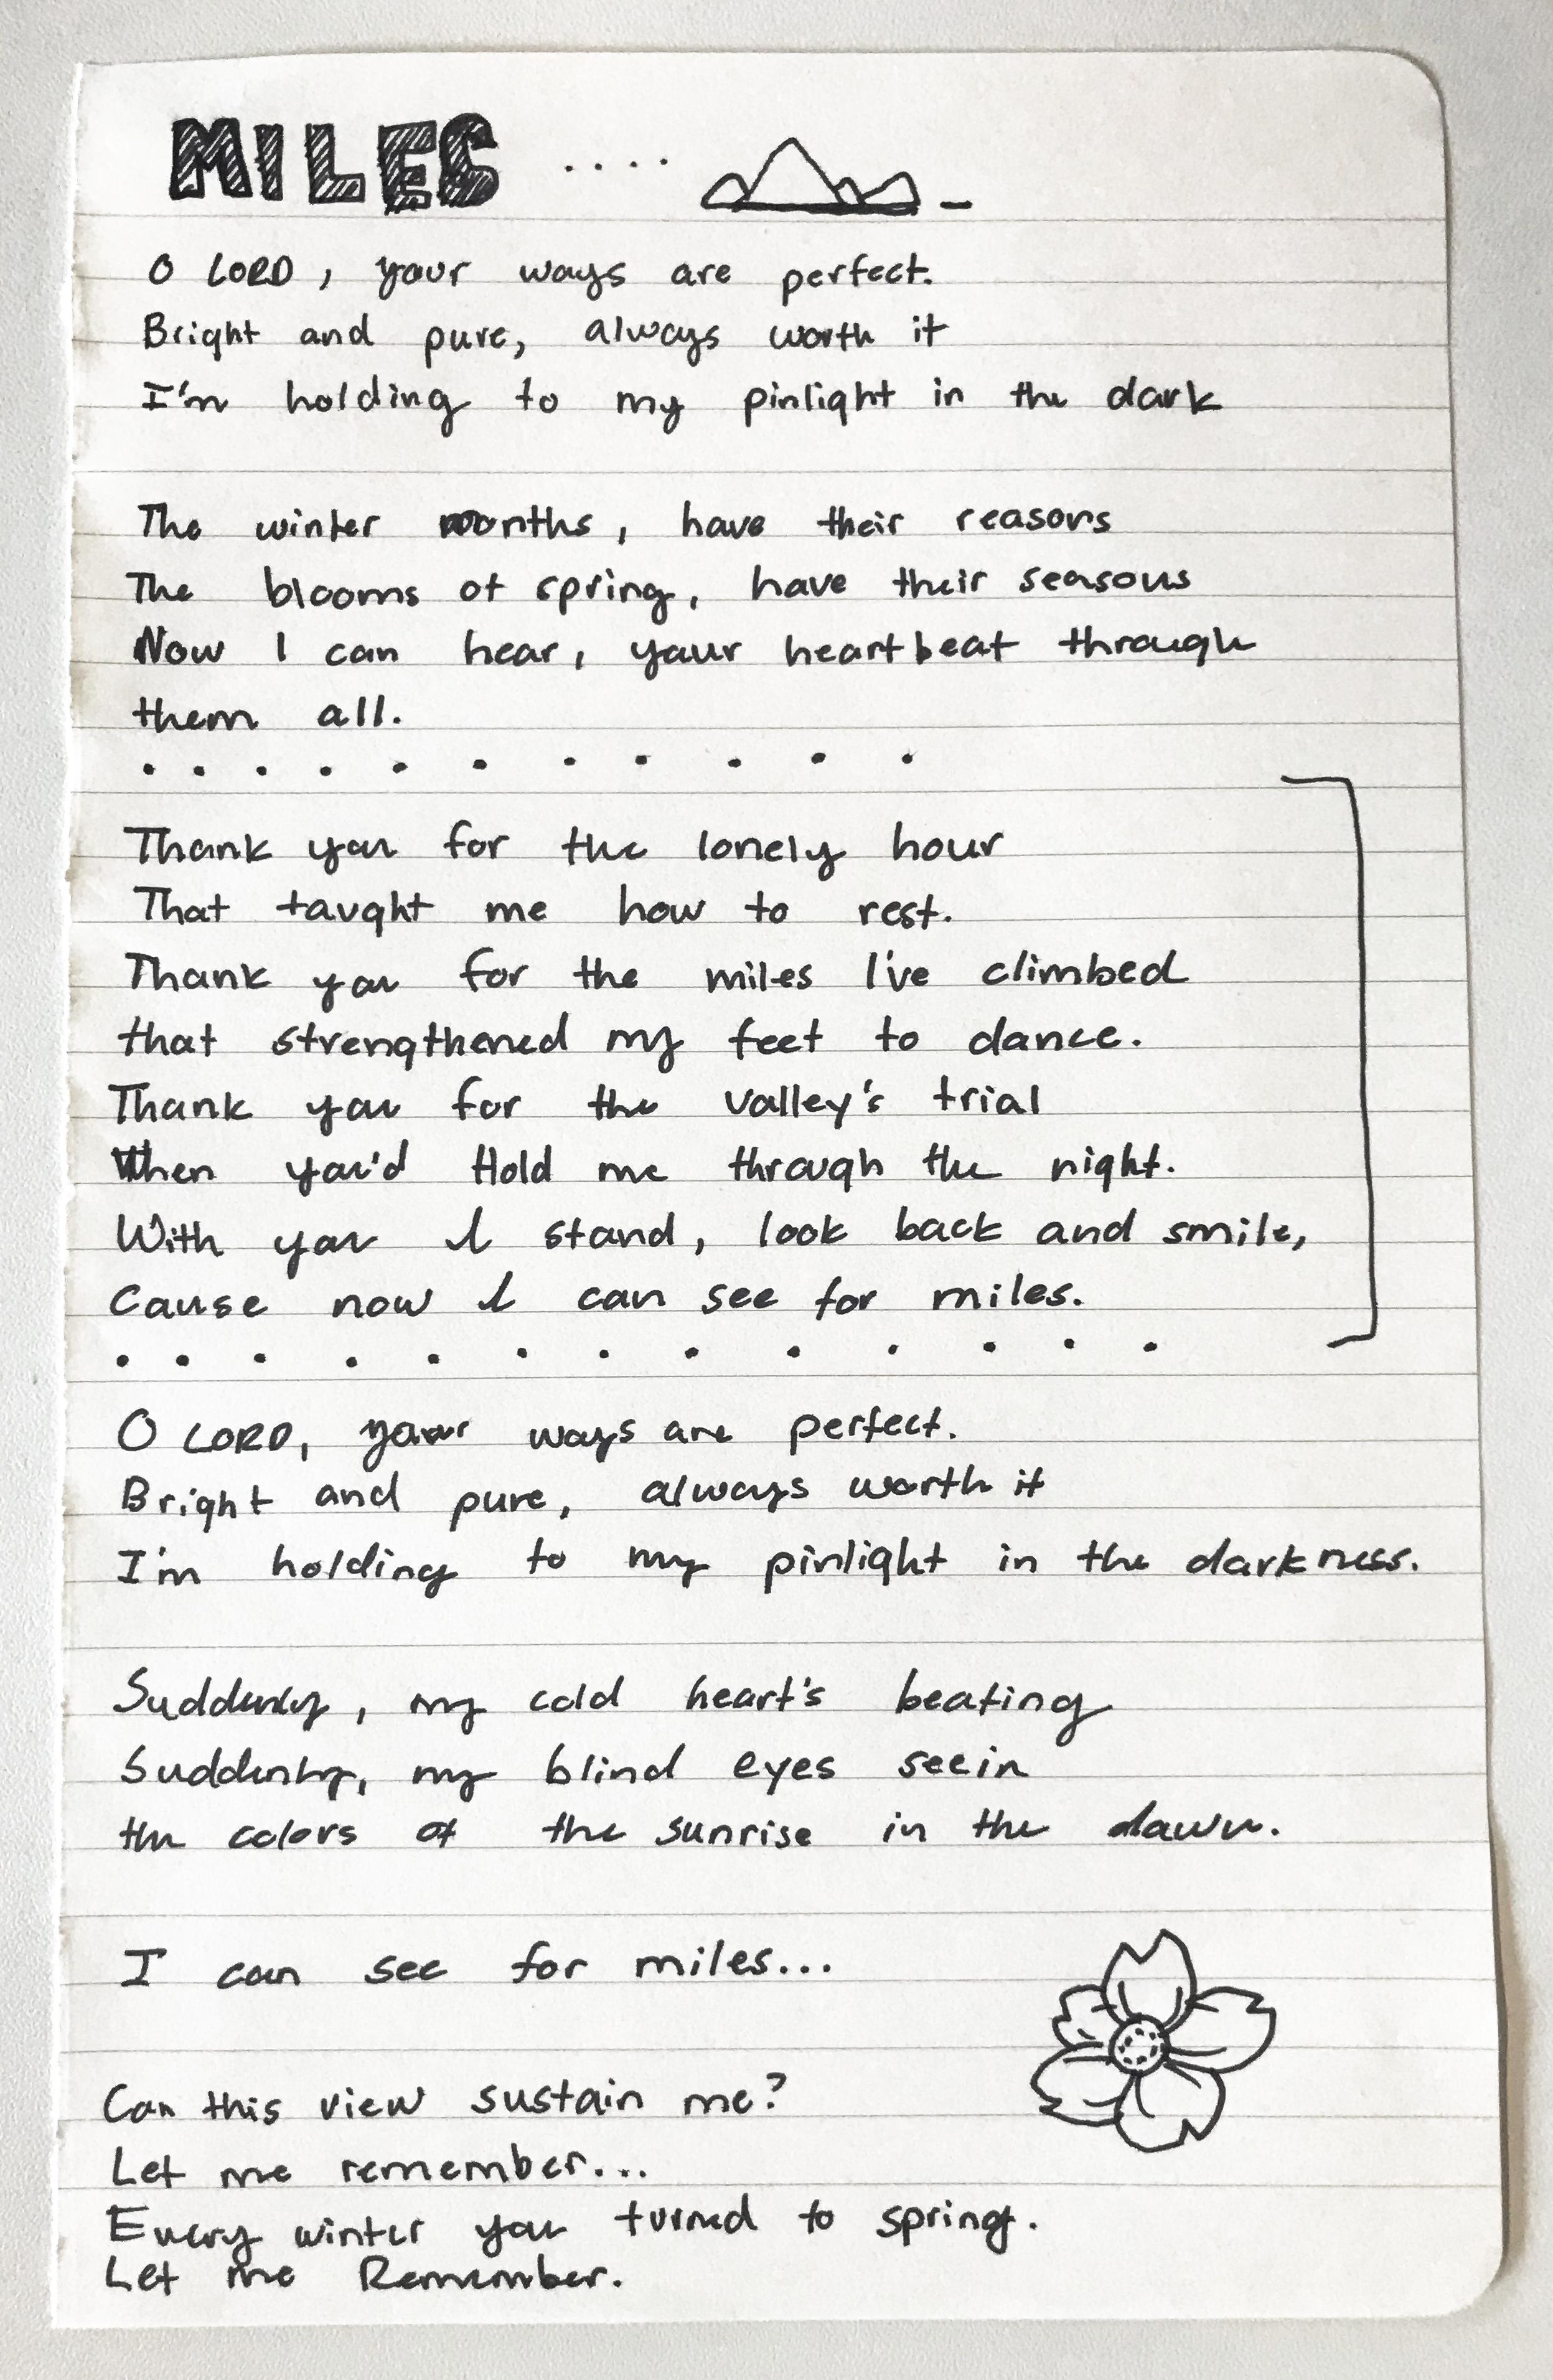 Miles_Lyrics.jpg